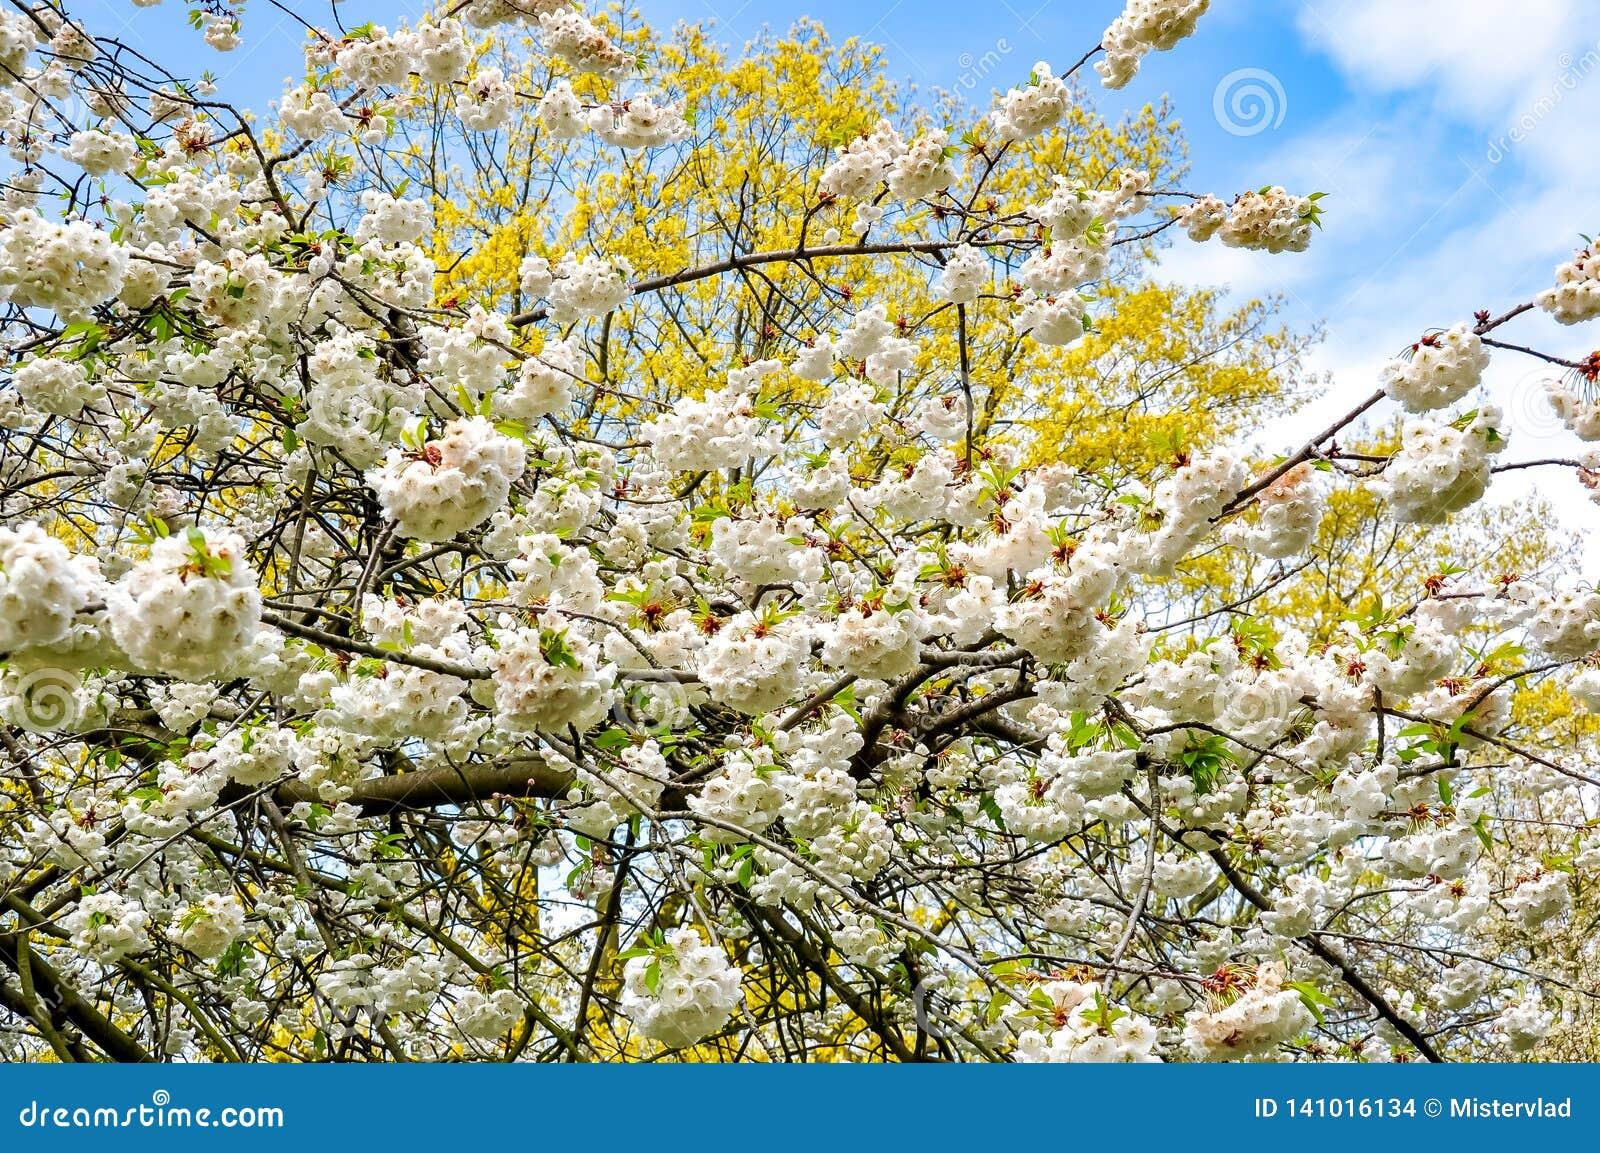 Botanischer Garten Kew im Frühjahr, London, Vereinigtes Königreich